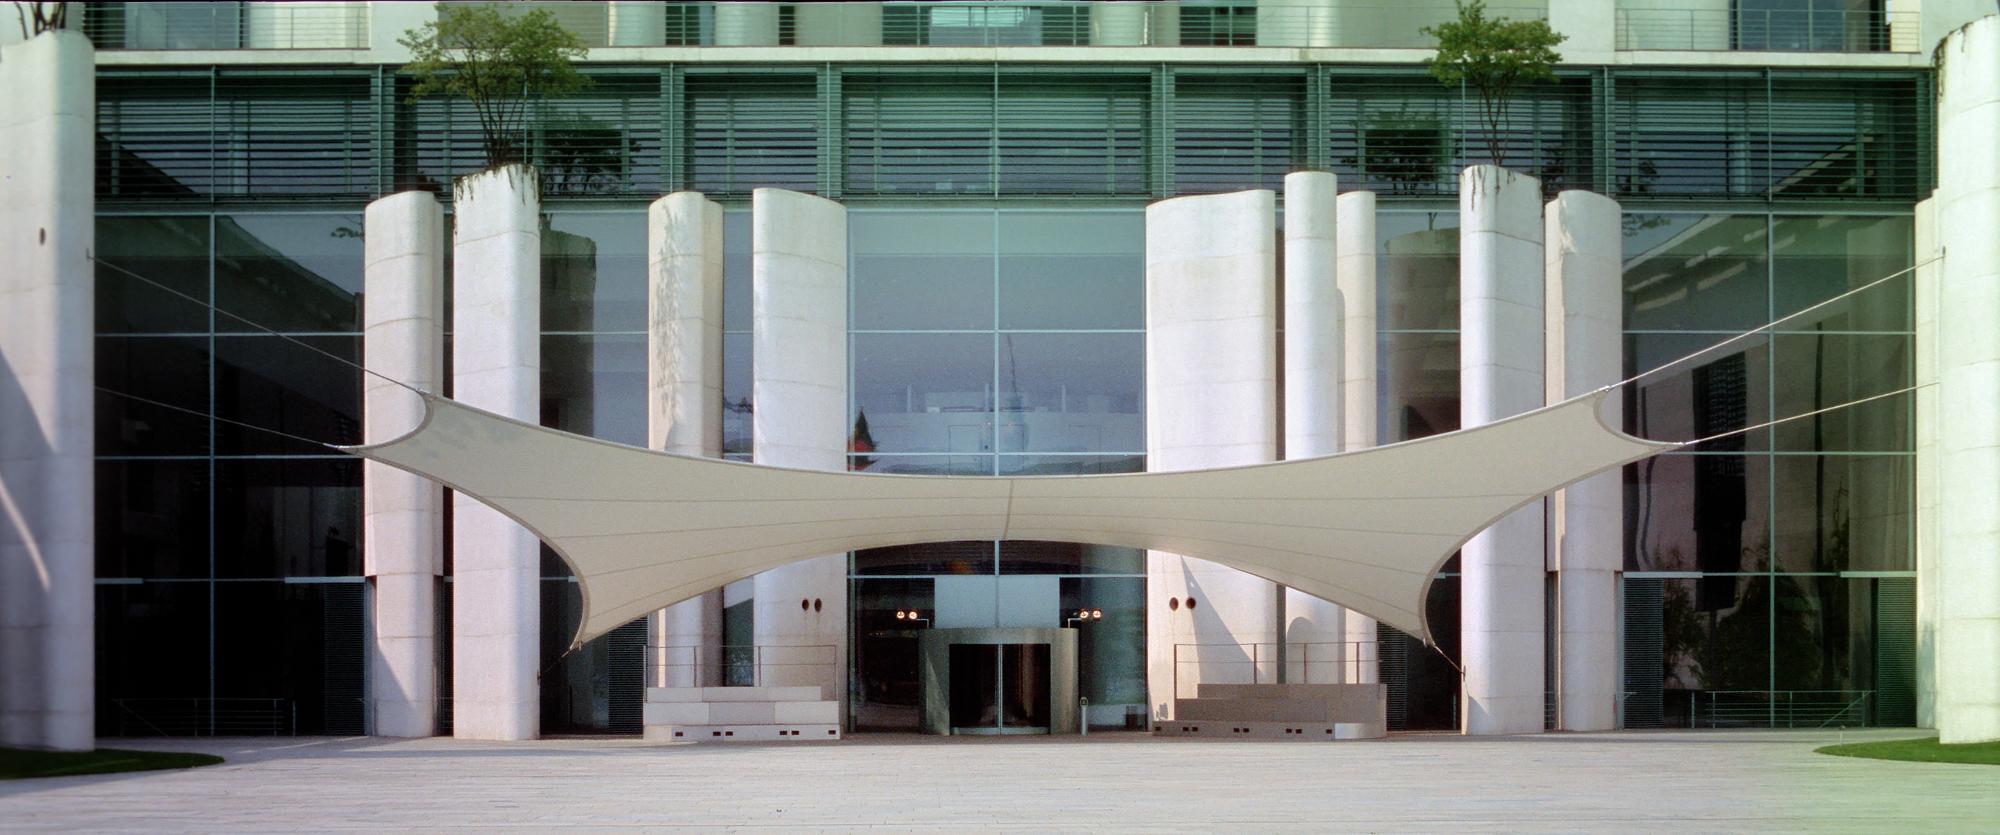 Kanzleramt - Eingang